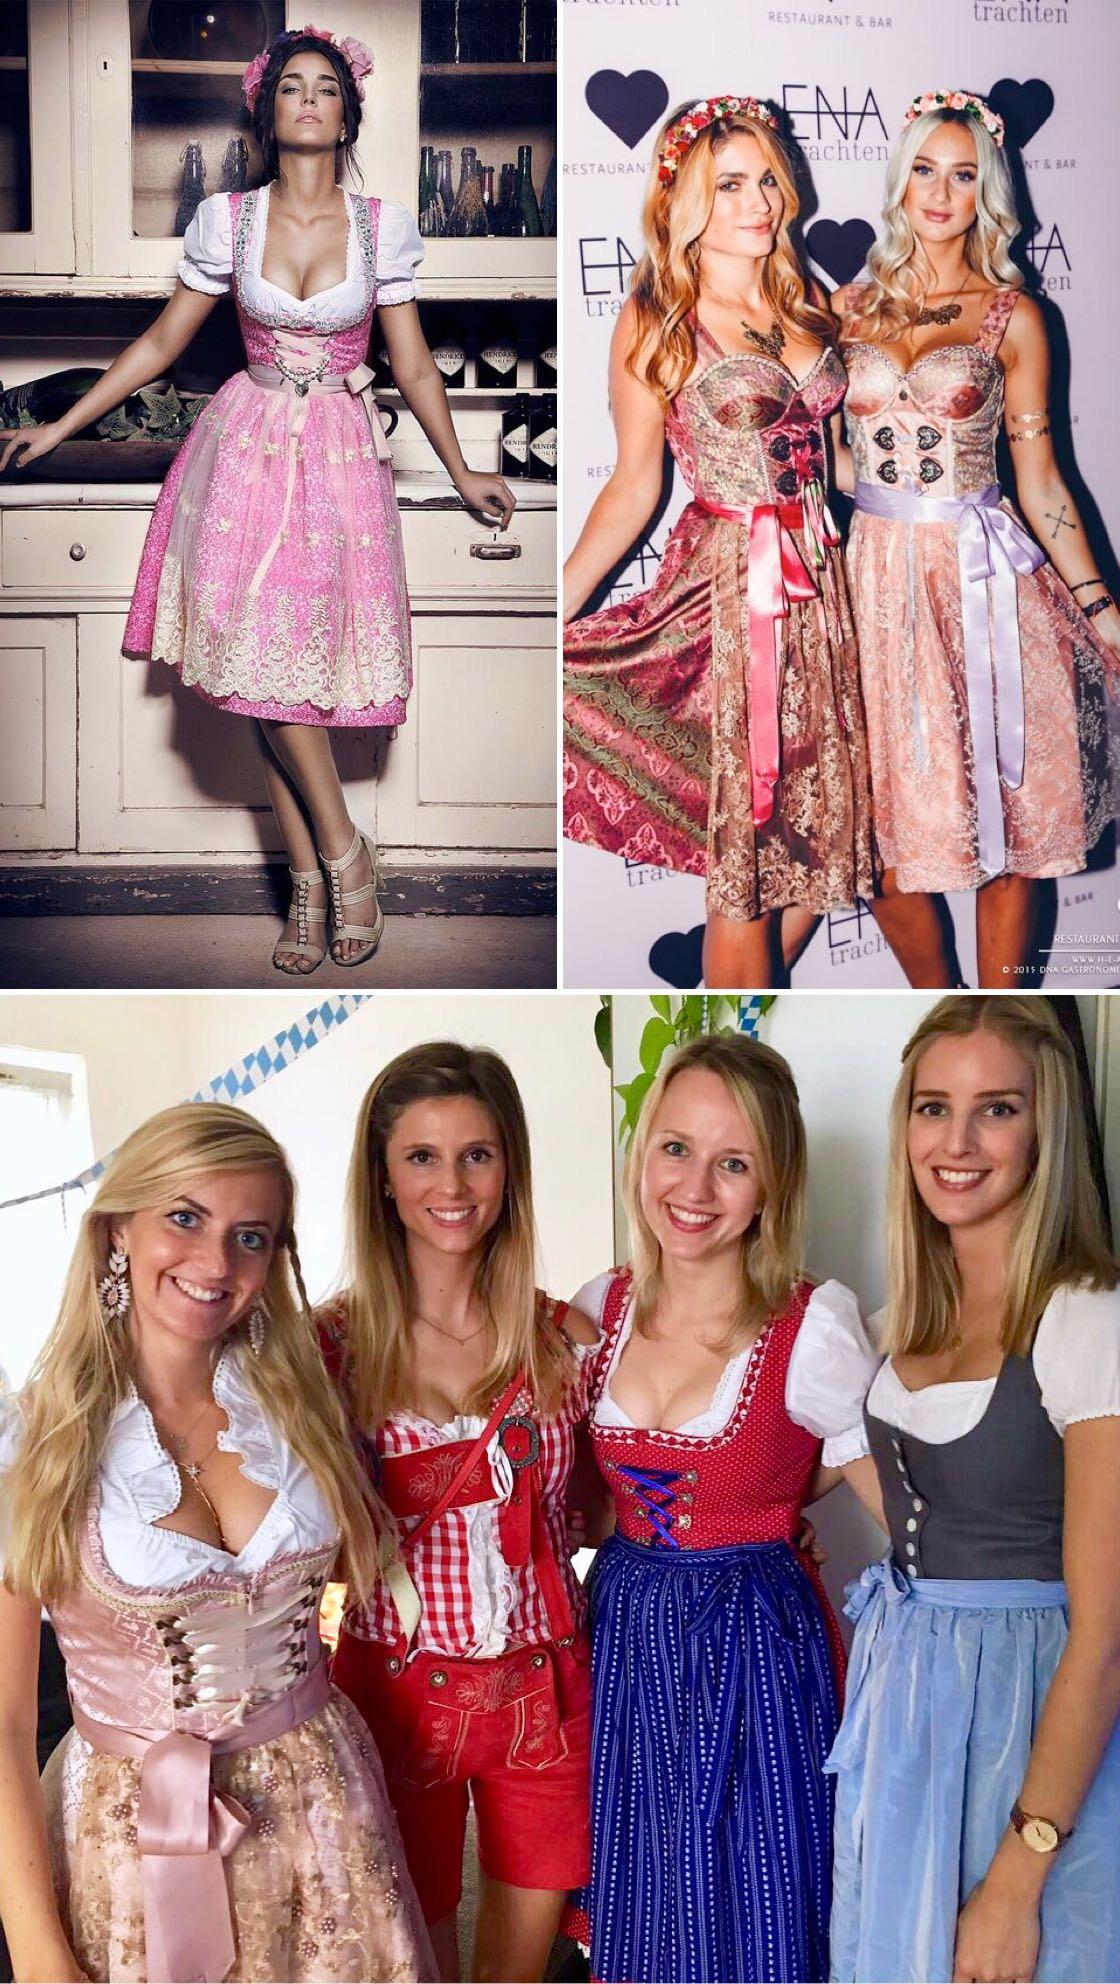 Die Schönsten Dirndl Trends Für Das Oktoberfest 2018 Looks Outfits